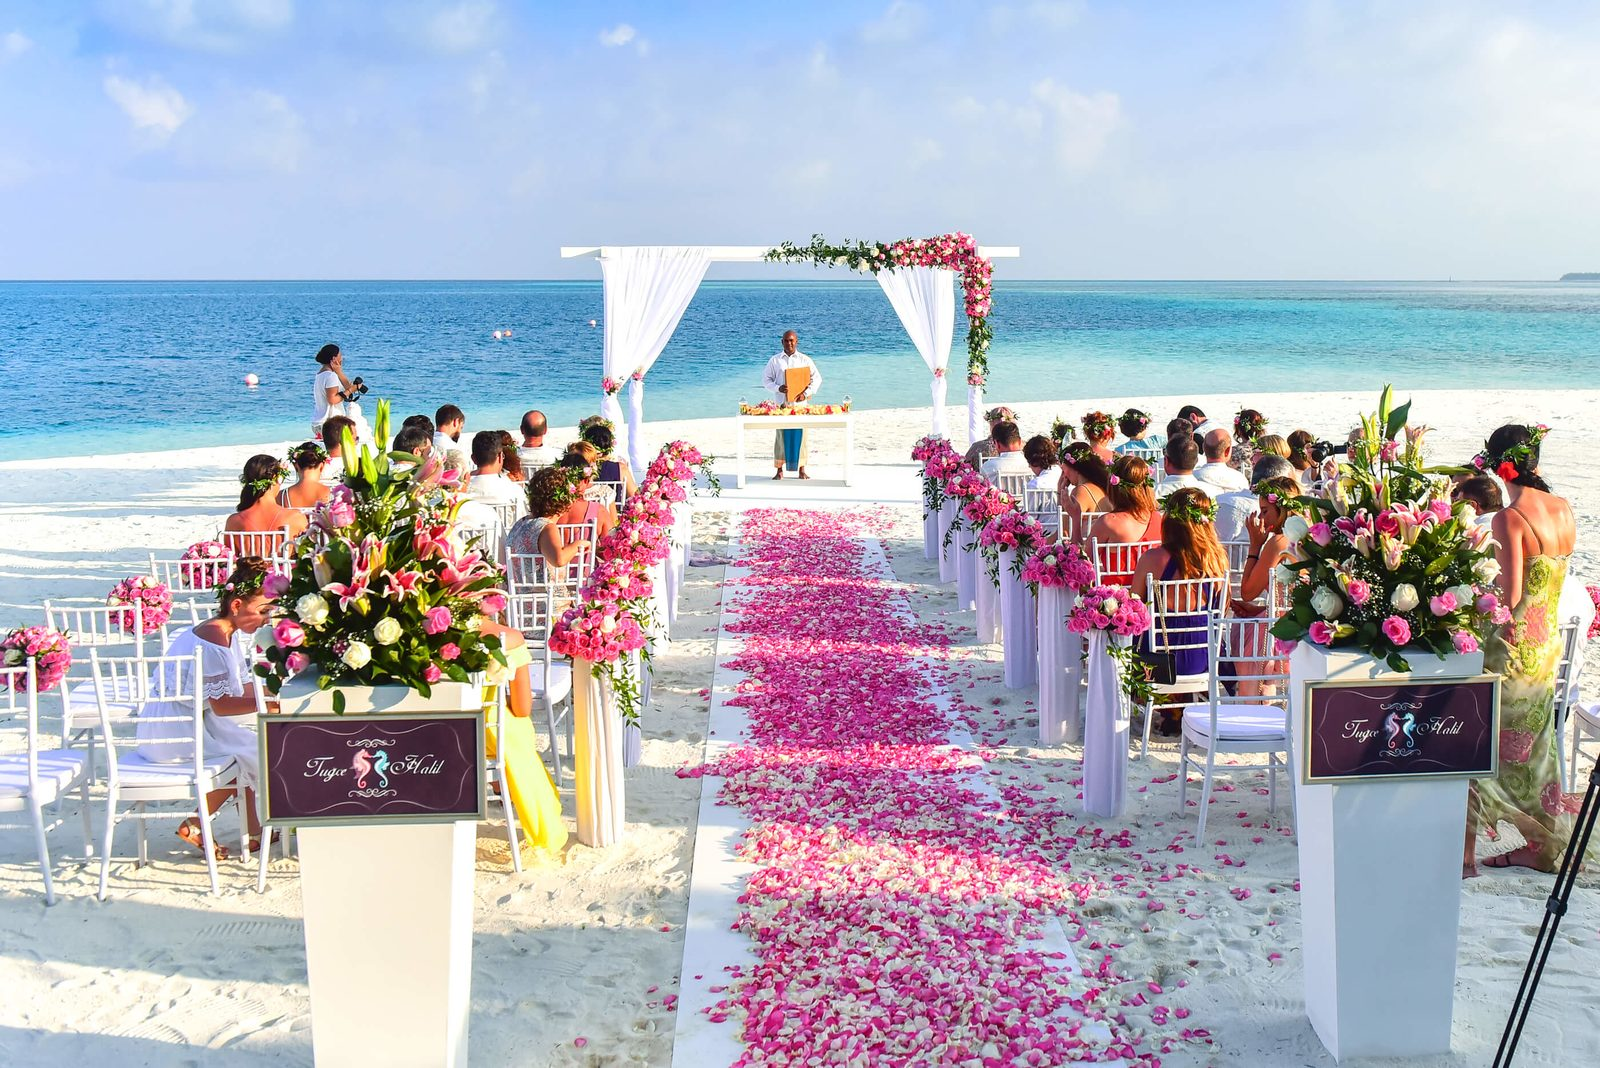 ¡Una boda en Bonaire es el sueño de muchas parejas! ¿Quién no quiere casarse con el amor de su vida en una isla hermosa y soleada como Bonaire?